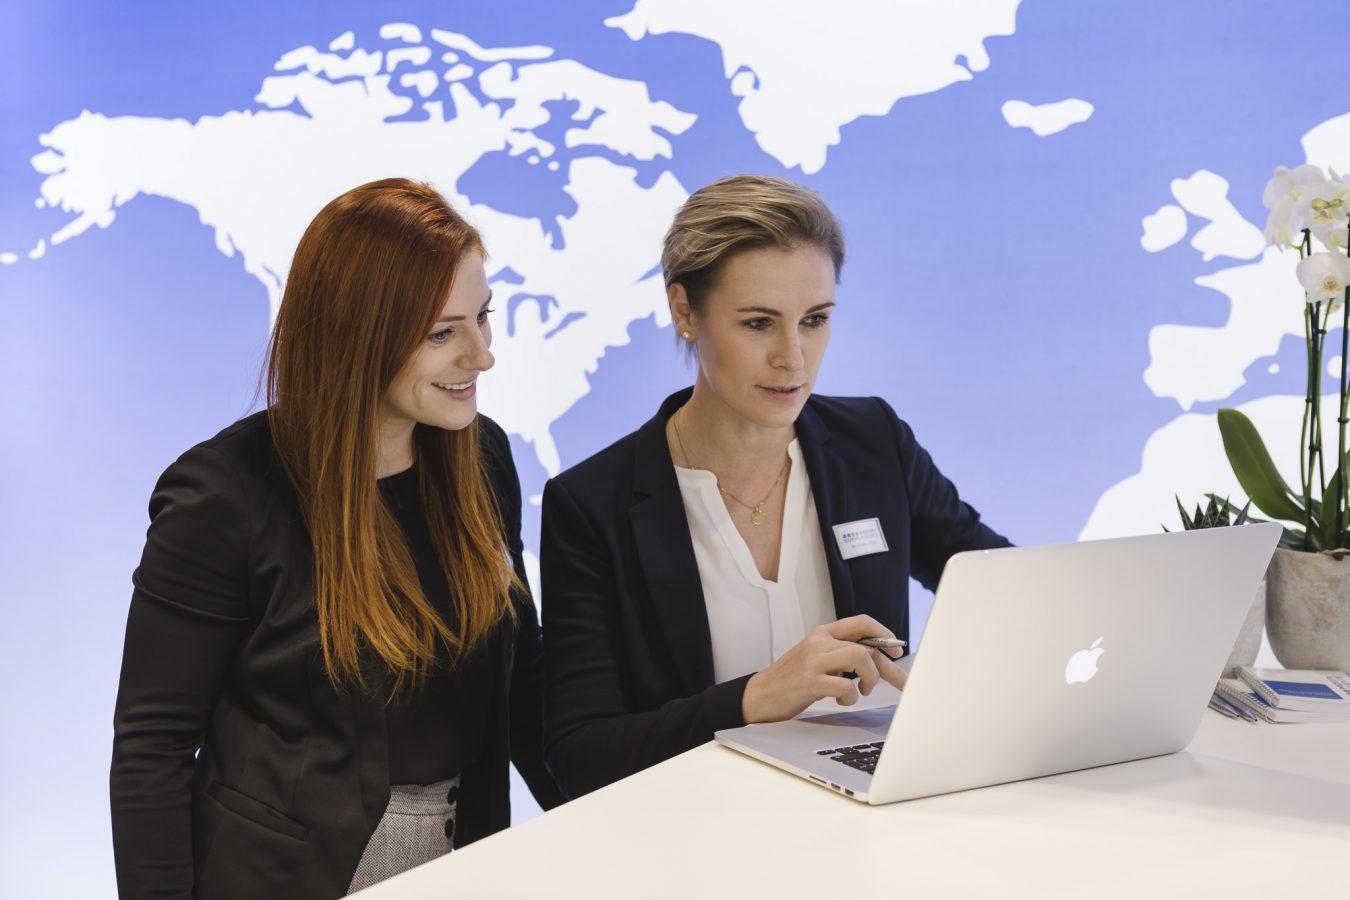 Businessreportage - Die Mitarbeiter stehen am Messestand und schauen etwas auf dem Rechner an